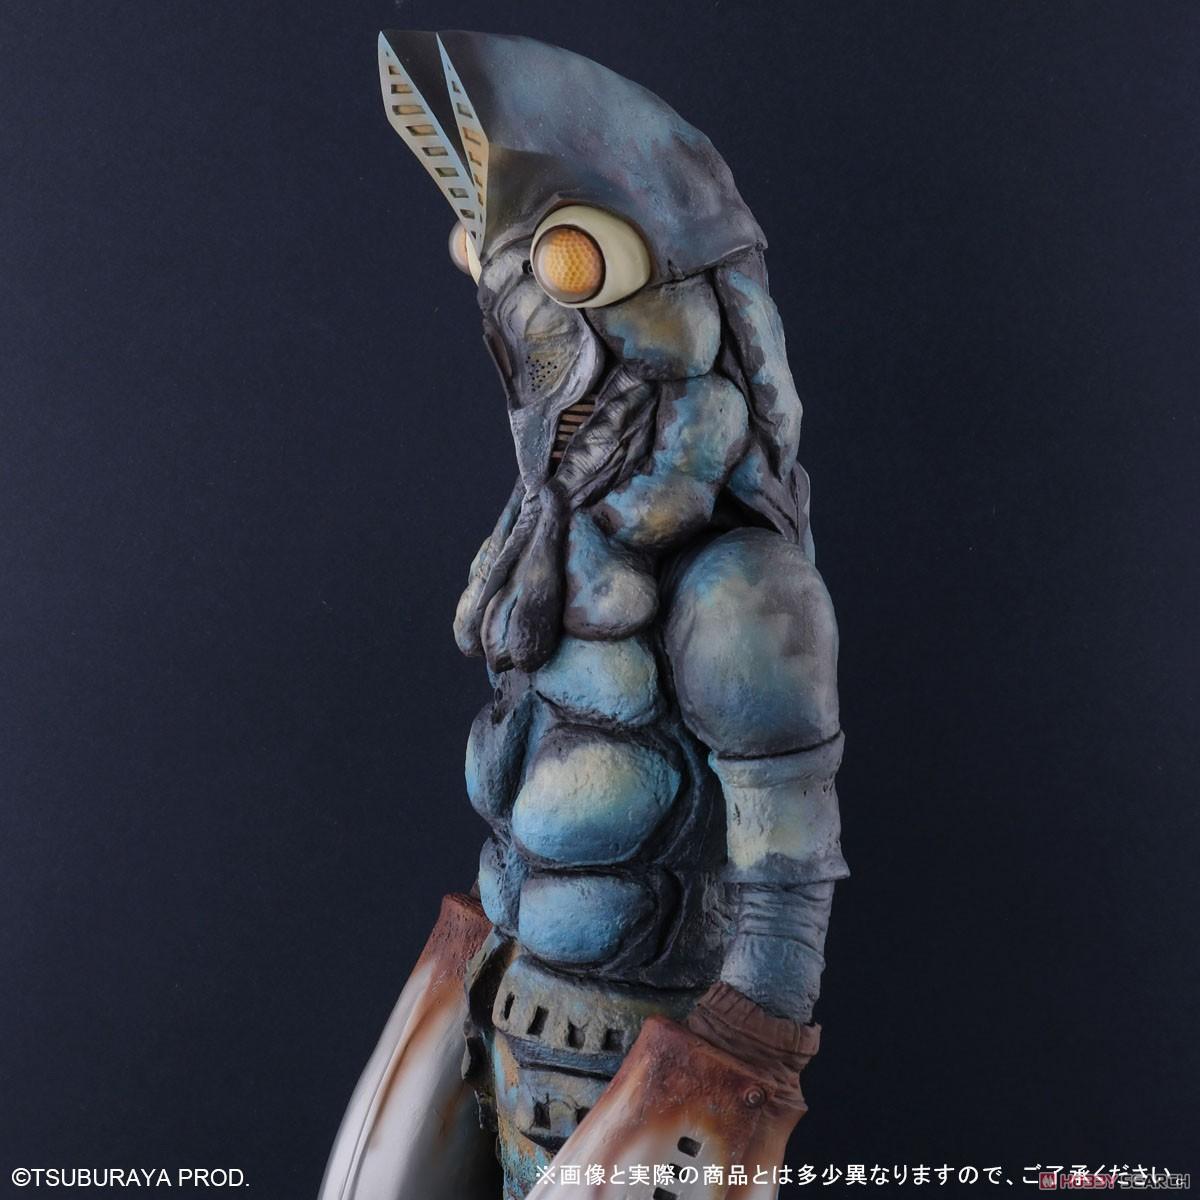 ギガンティックシリーズ『バルタン星人』ウルトラマン 完成品フィギュア-006